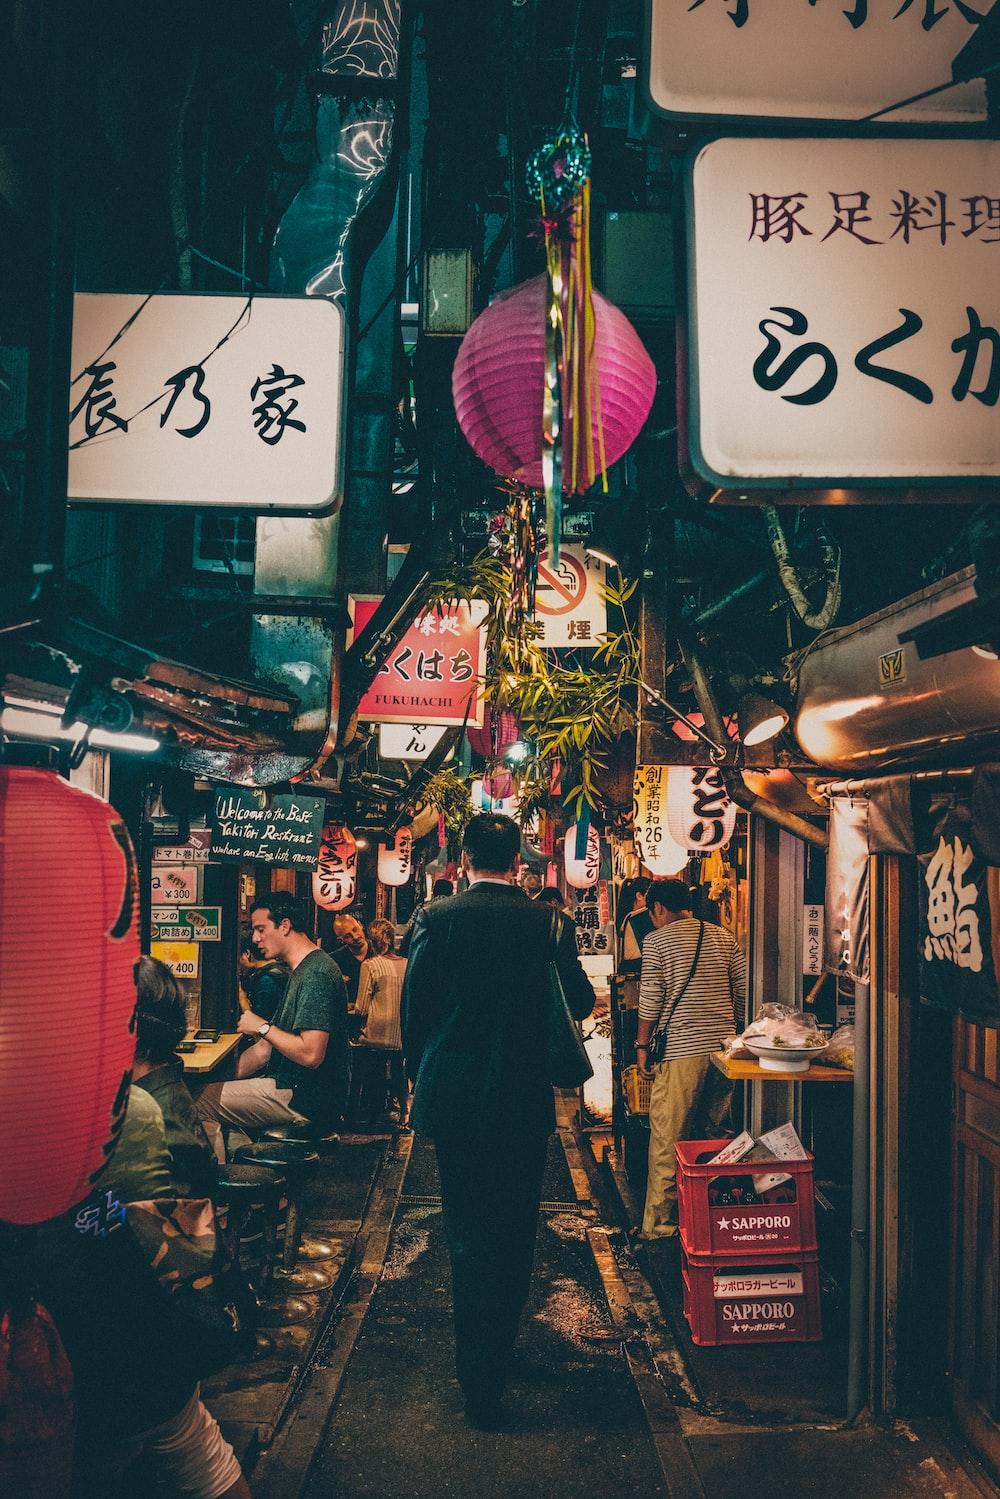 man walking between stores during night time